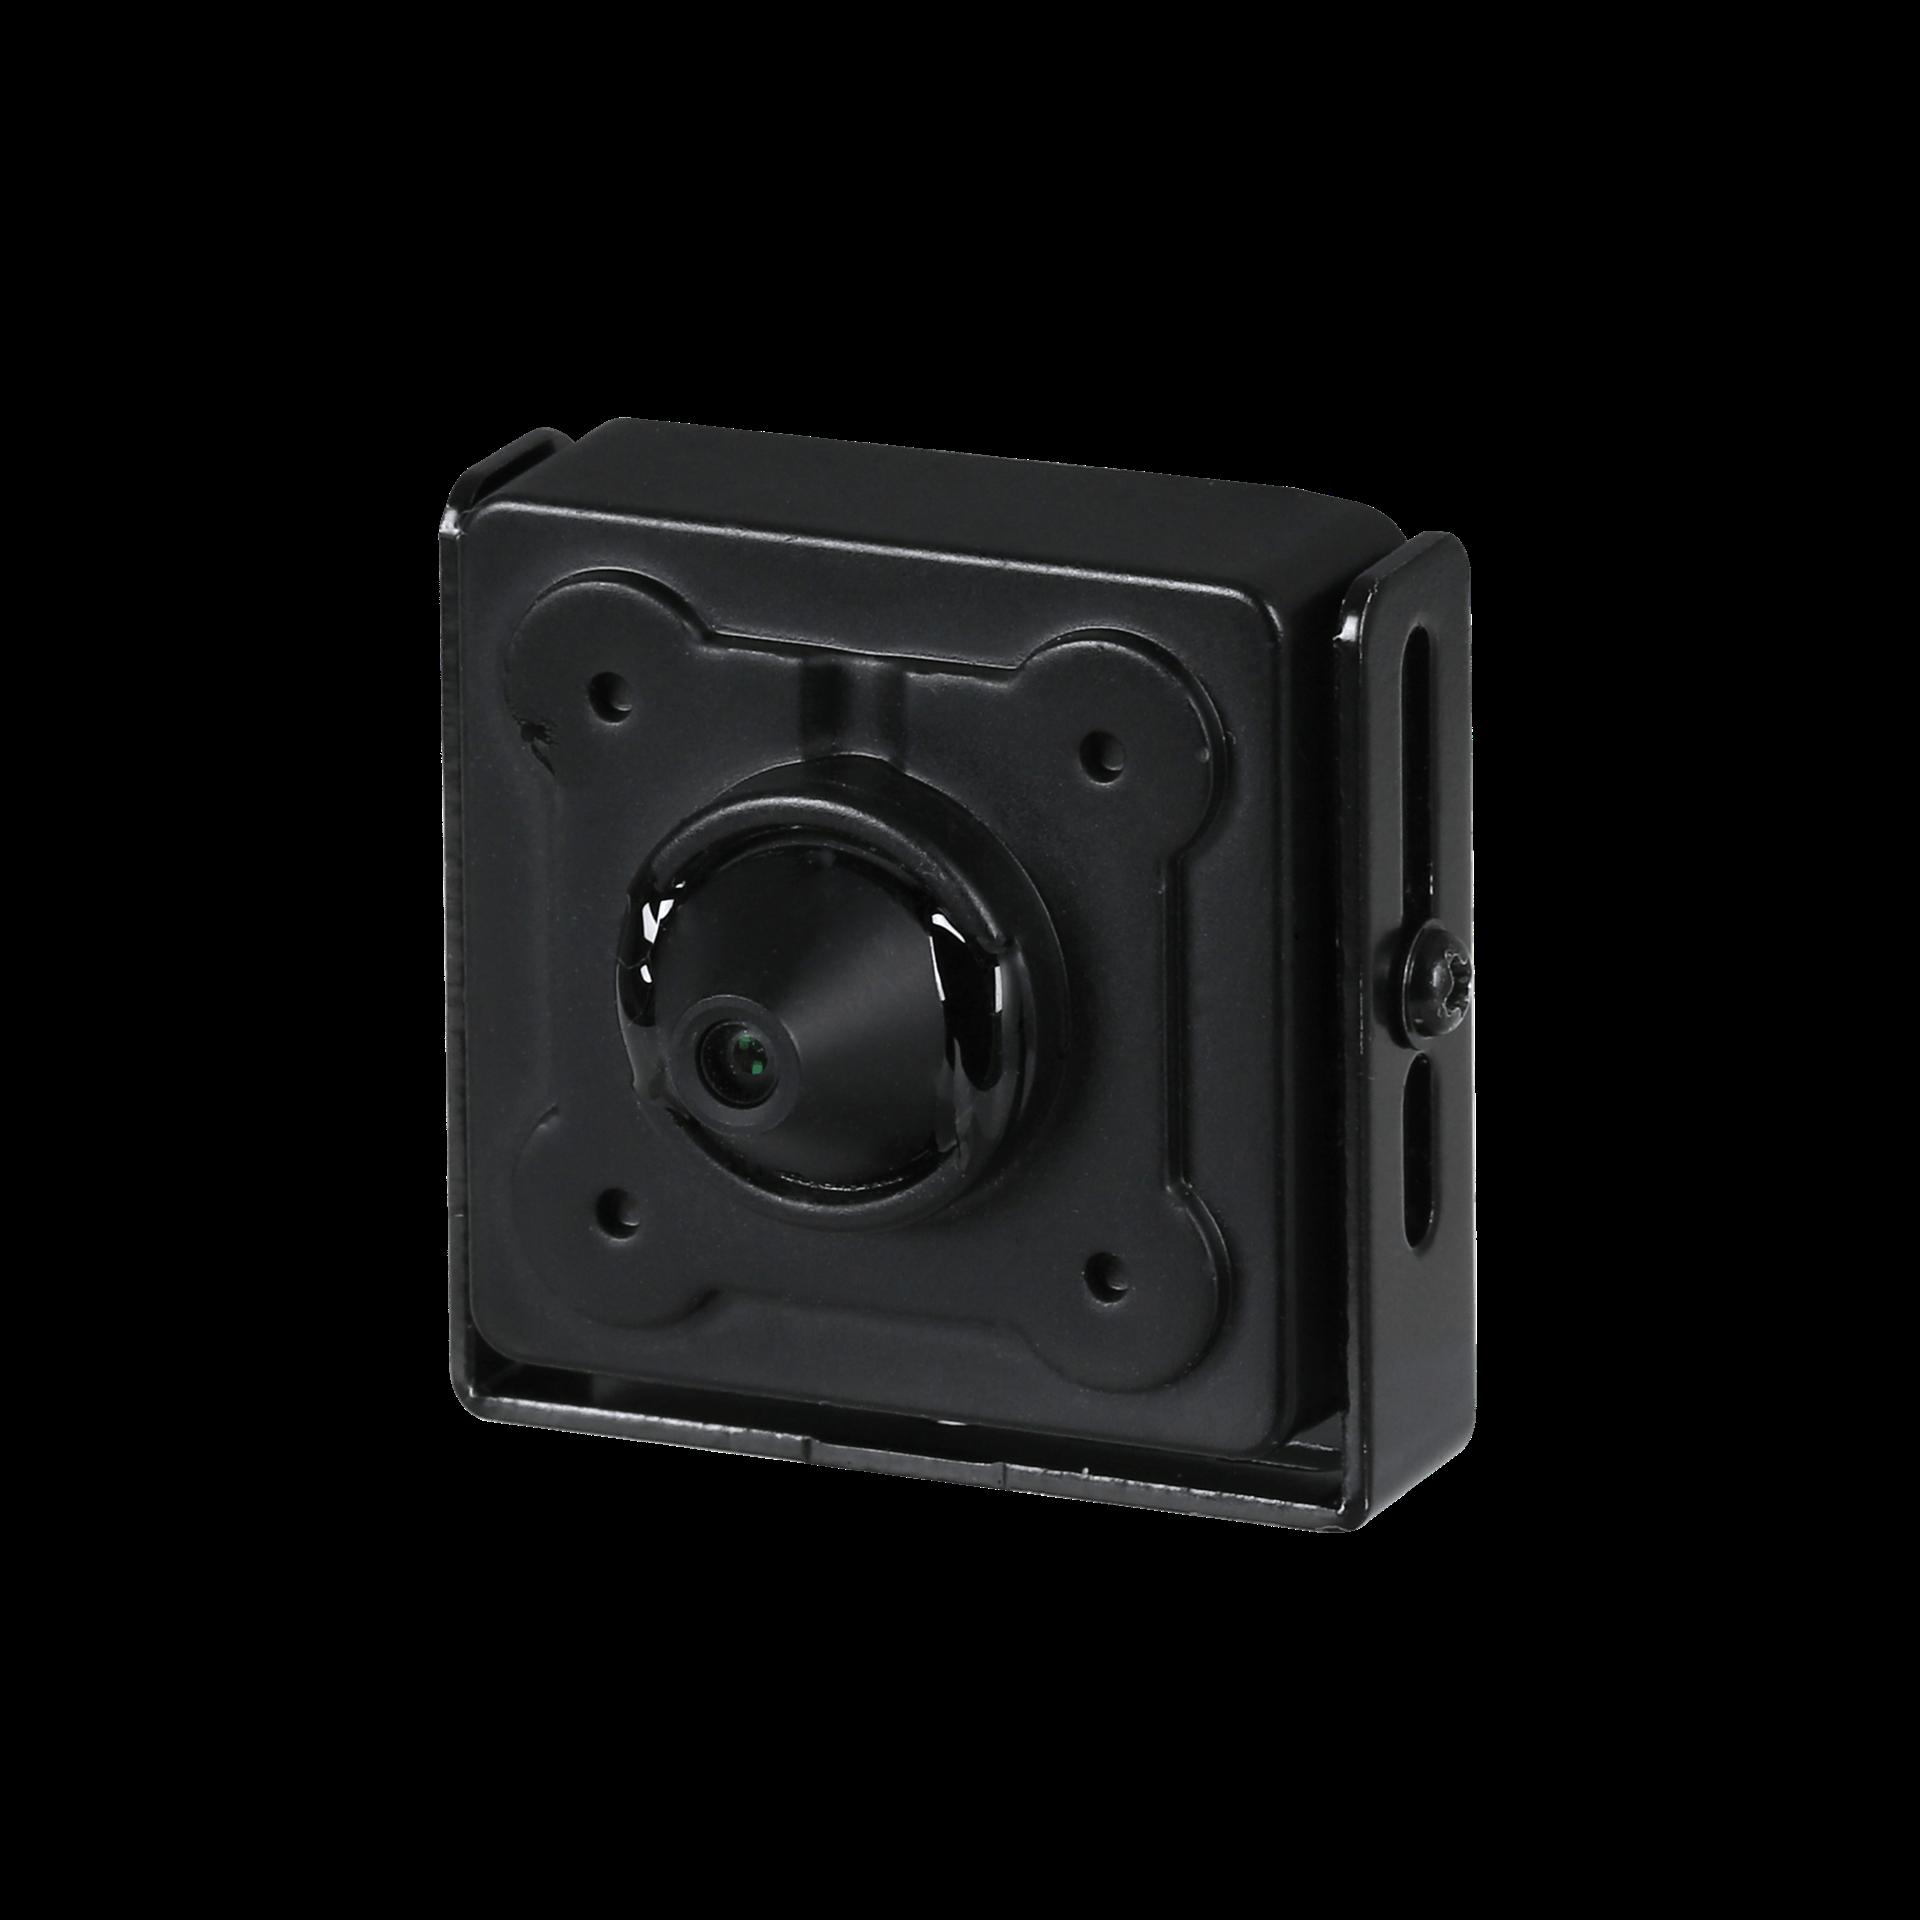 Εικόνα της HAC-HUM3201B-0360B  2MP Starlight HDCVI 3.6mm Pinhole Camera Dahua